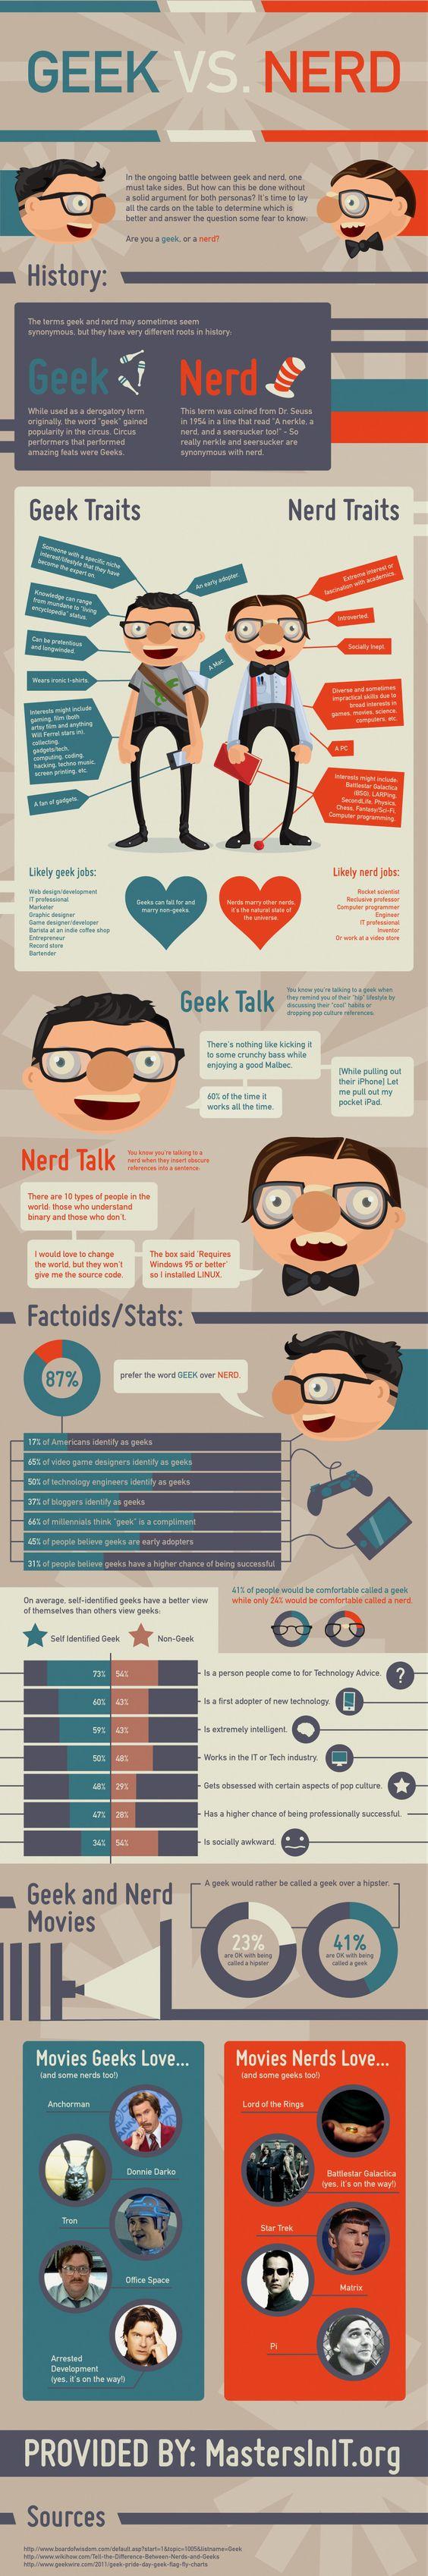 Geek vs. Nerd.